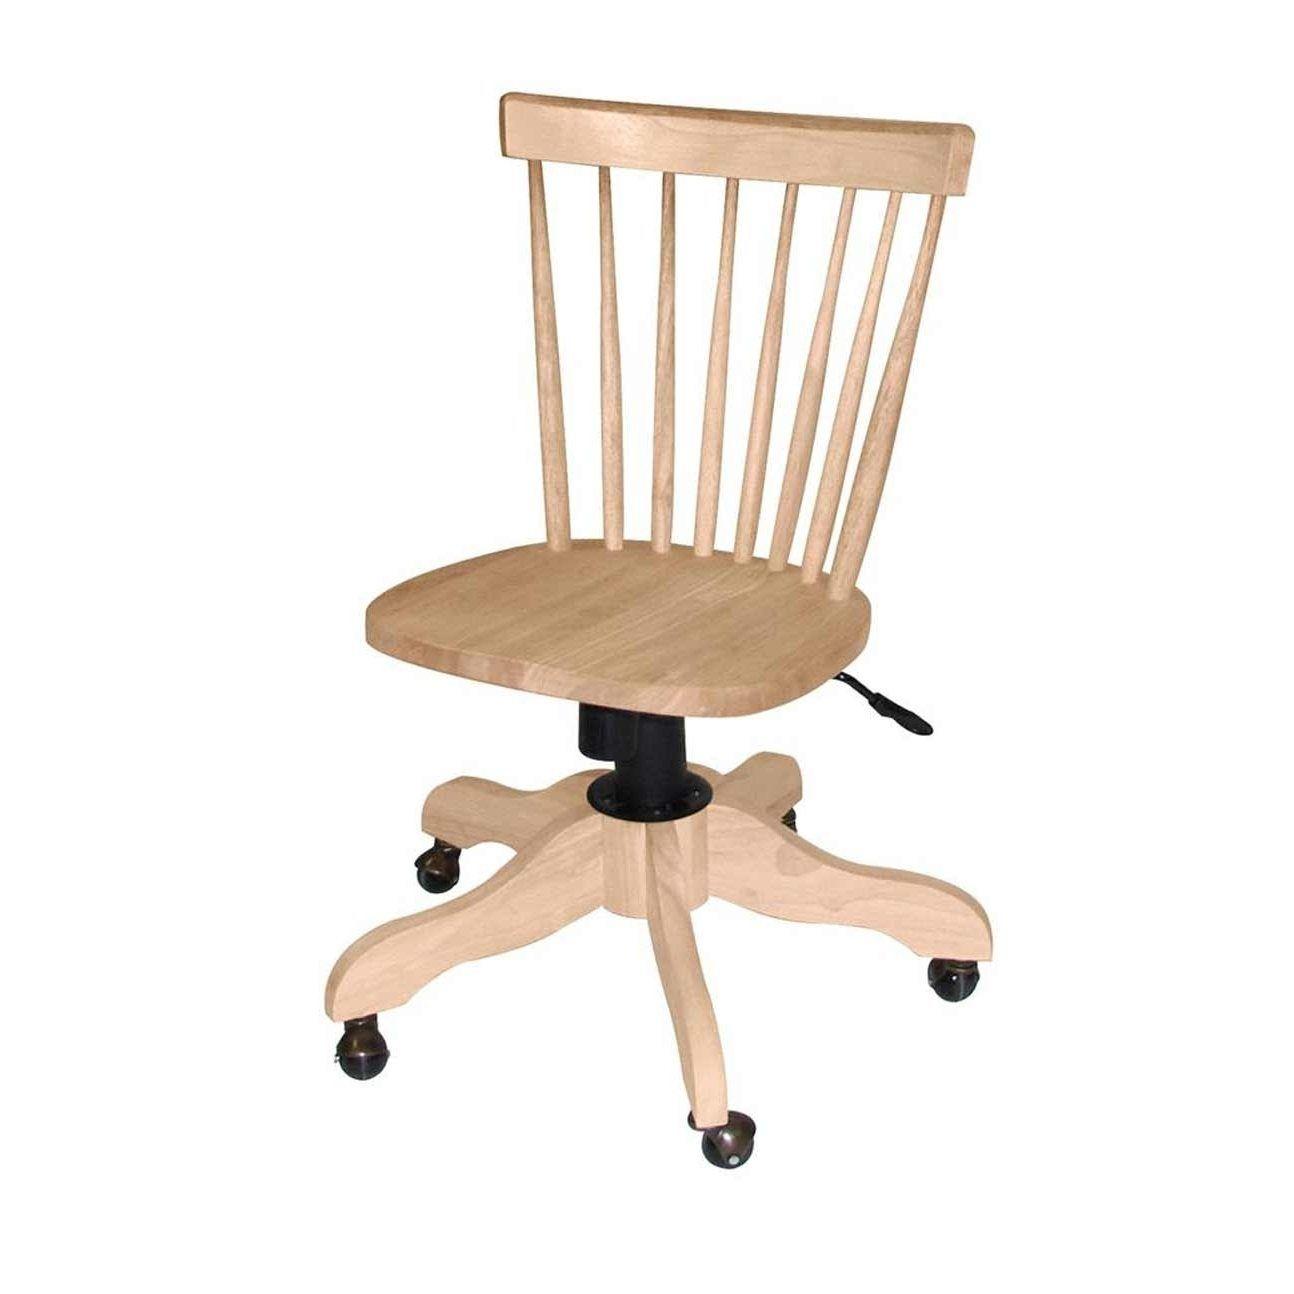 Bürostühle Holz holz bürostühle büromöbel bürostühle holz und büromöbel